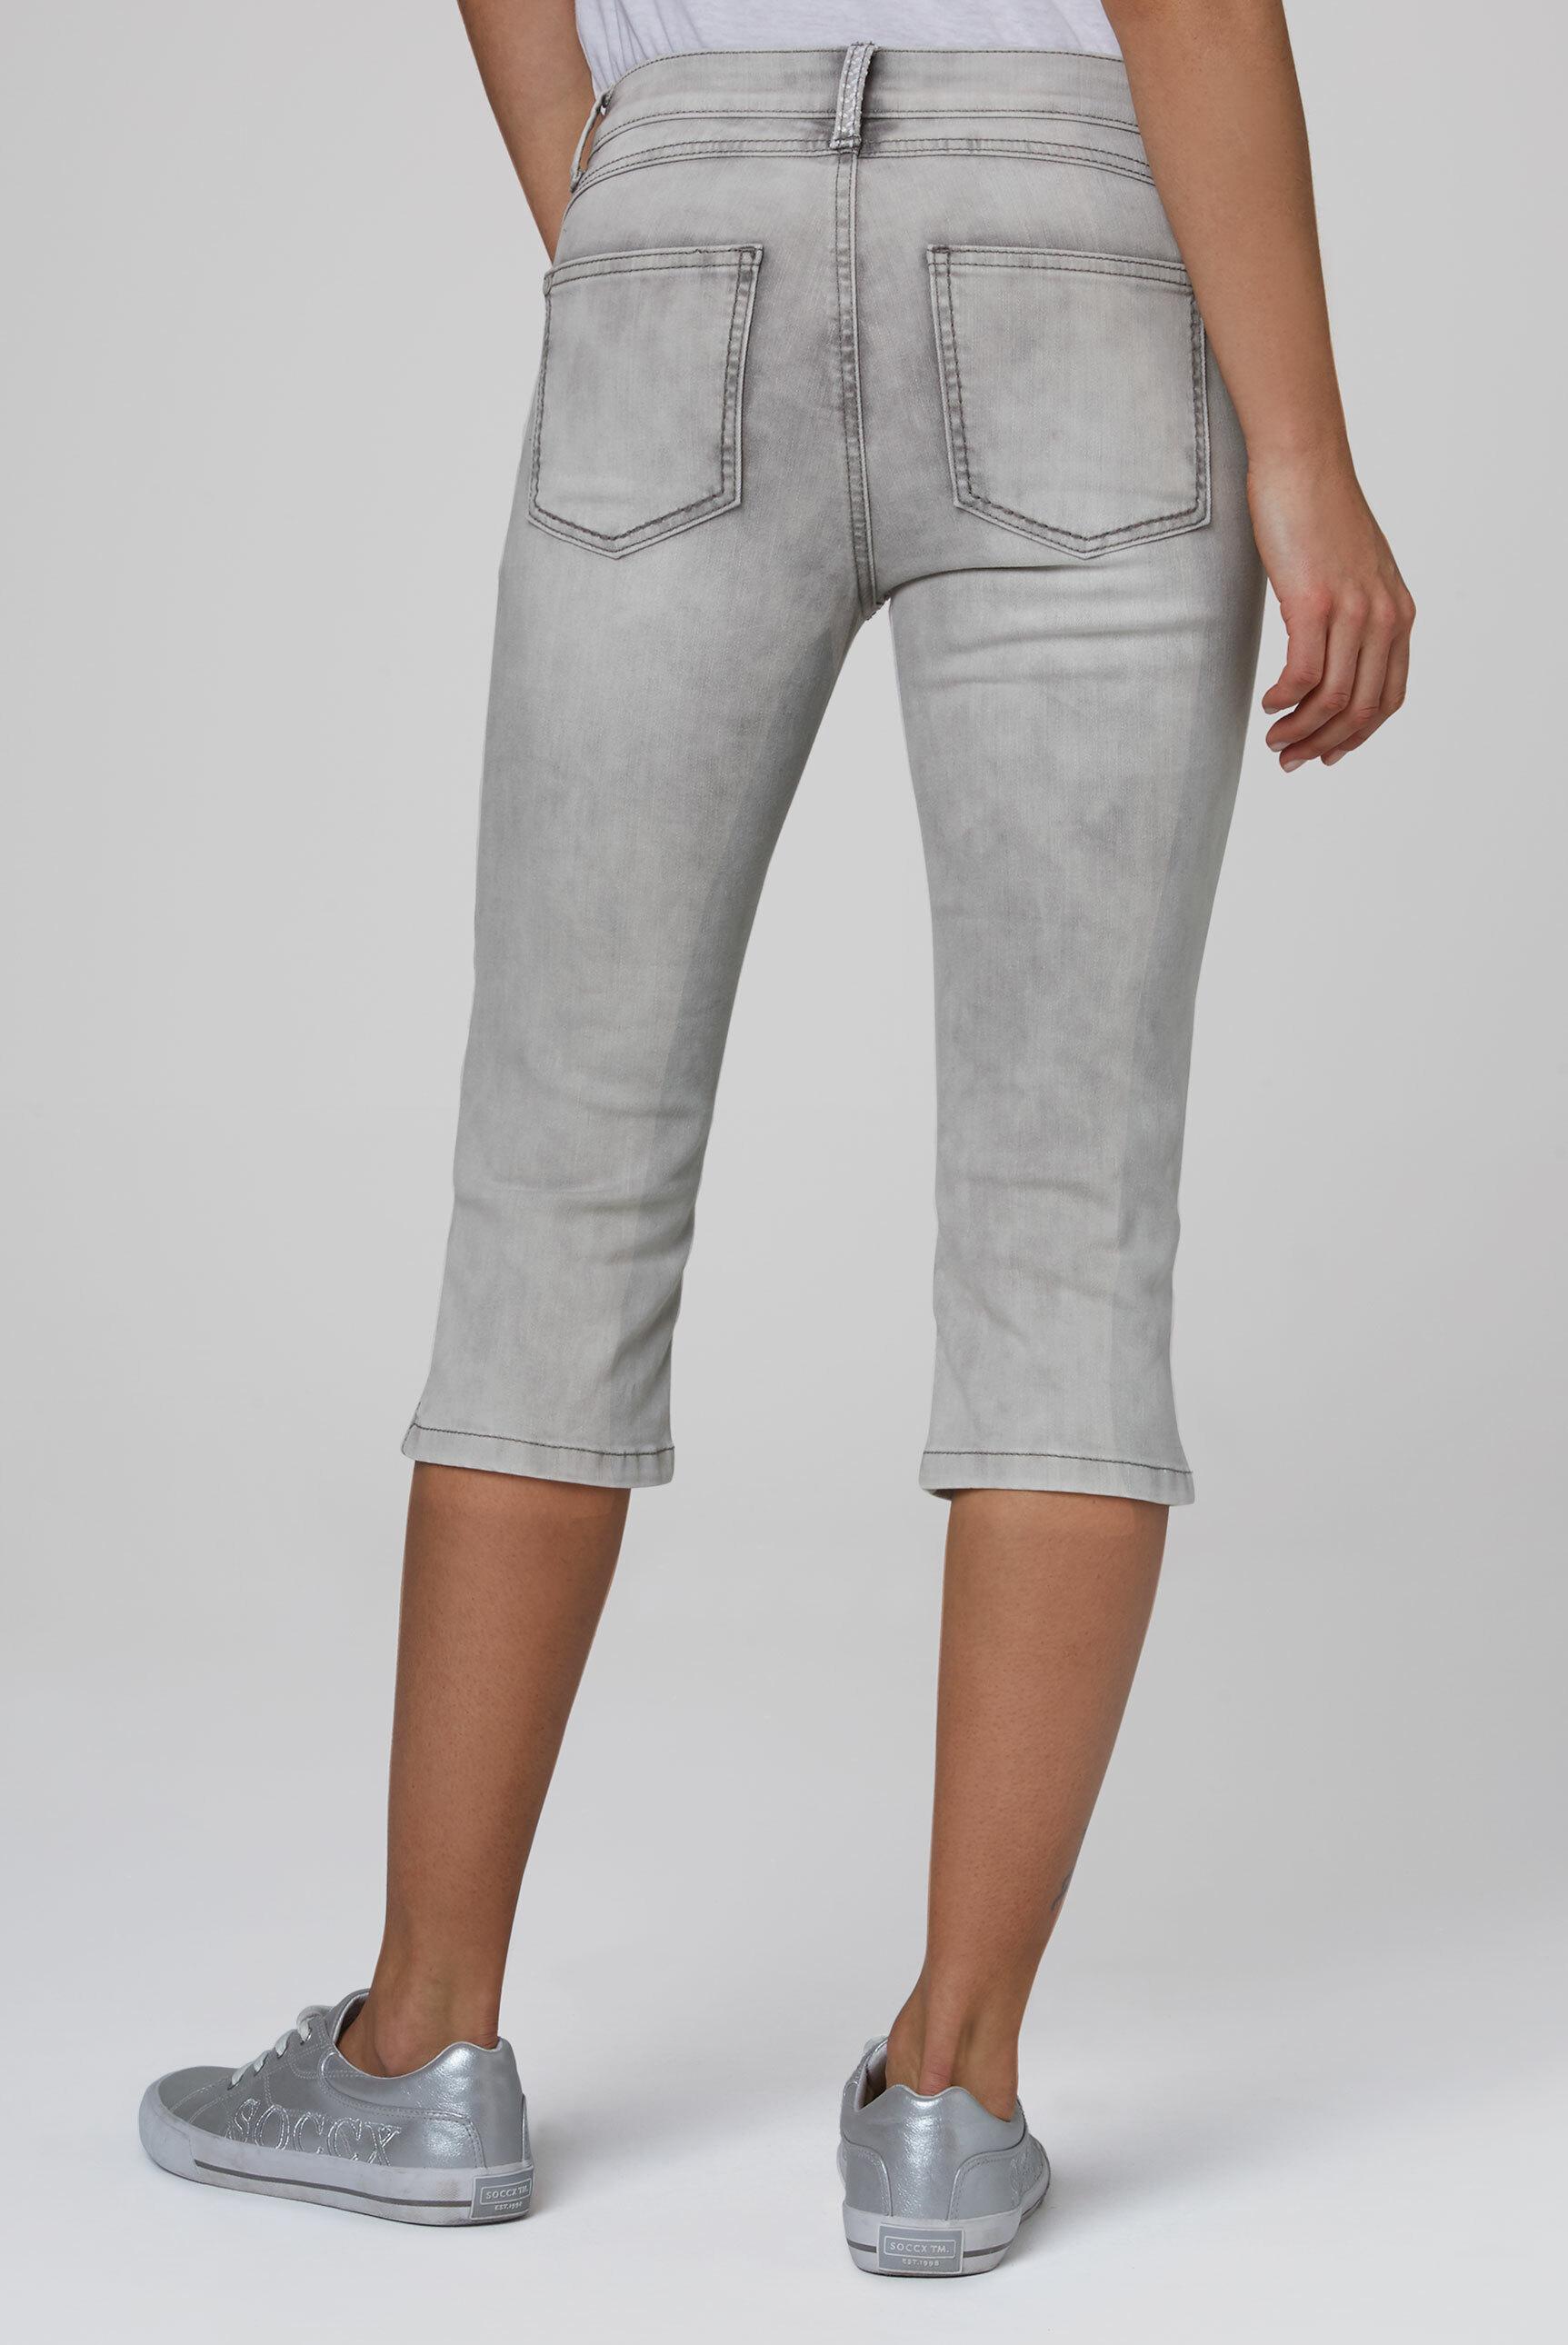 Capri Jeans KY:LI mit Taschenstickerei